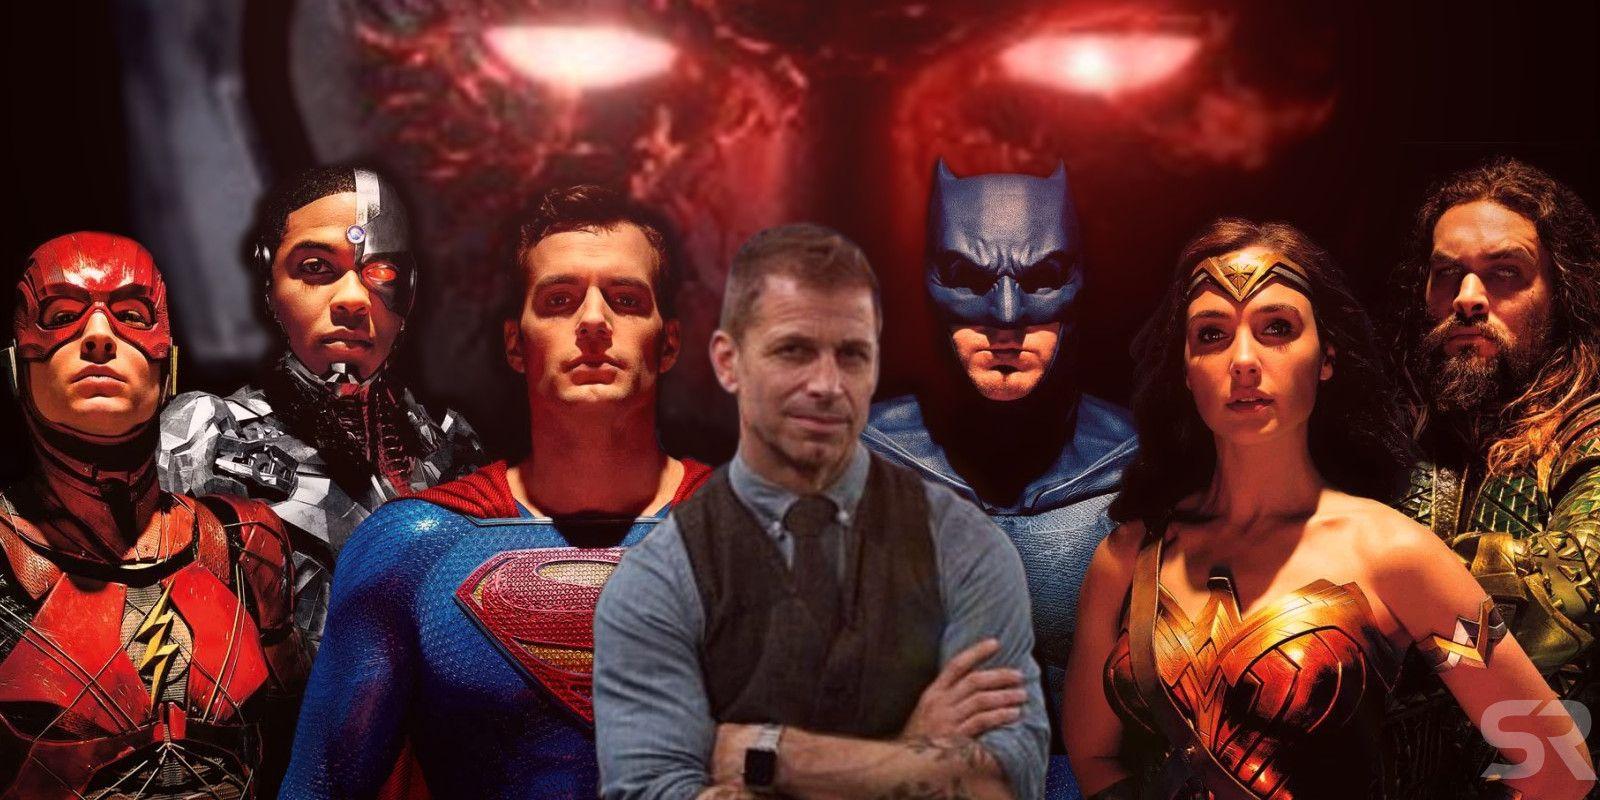 Zack Snyder Reveals Part of Justice League's Original Ending